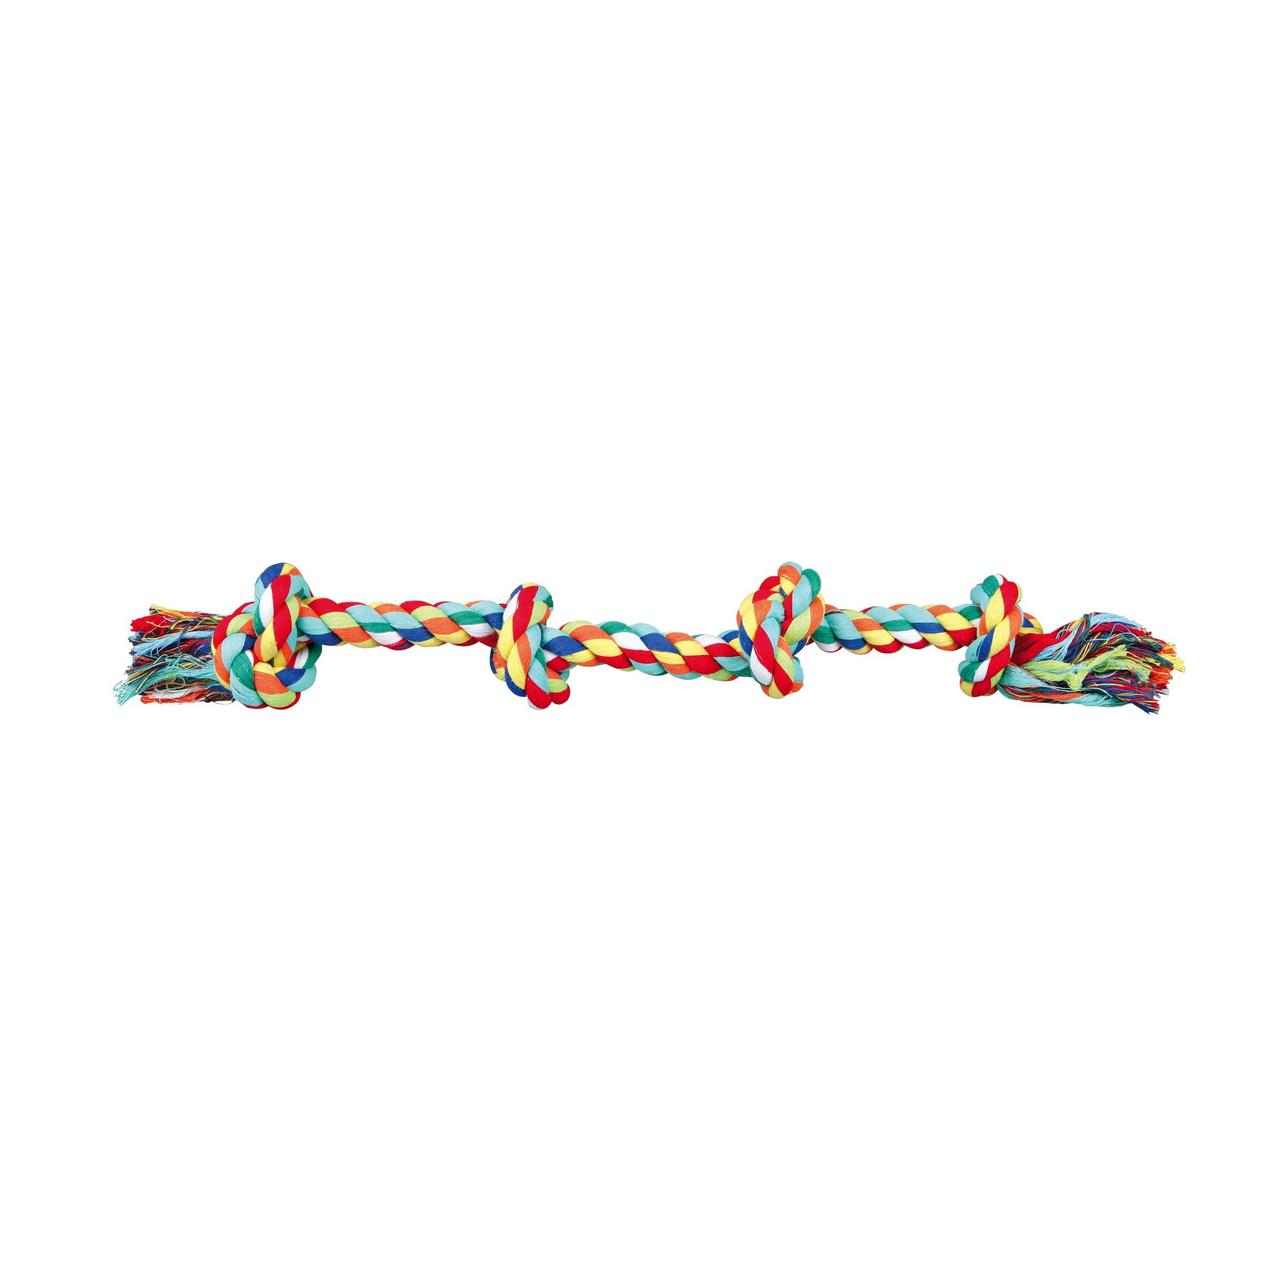 Игрушка для собак Trixie Канат плетёный с узлами 54 см (текстиль, цвета в ассортименте)